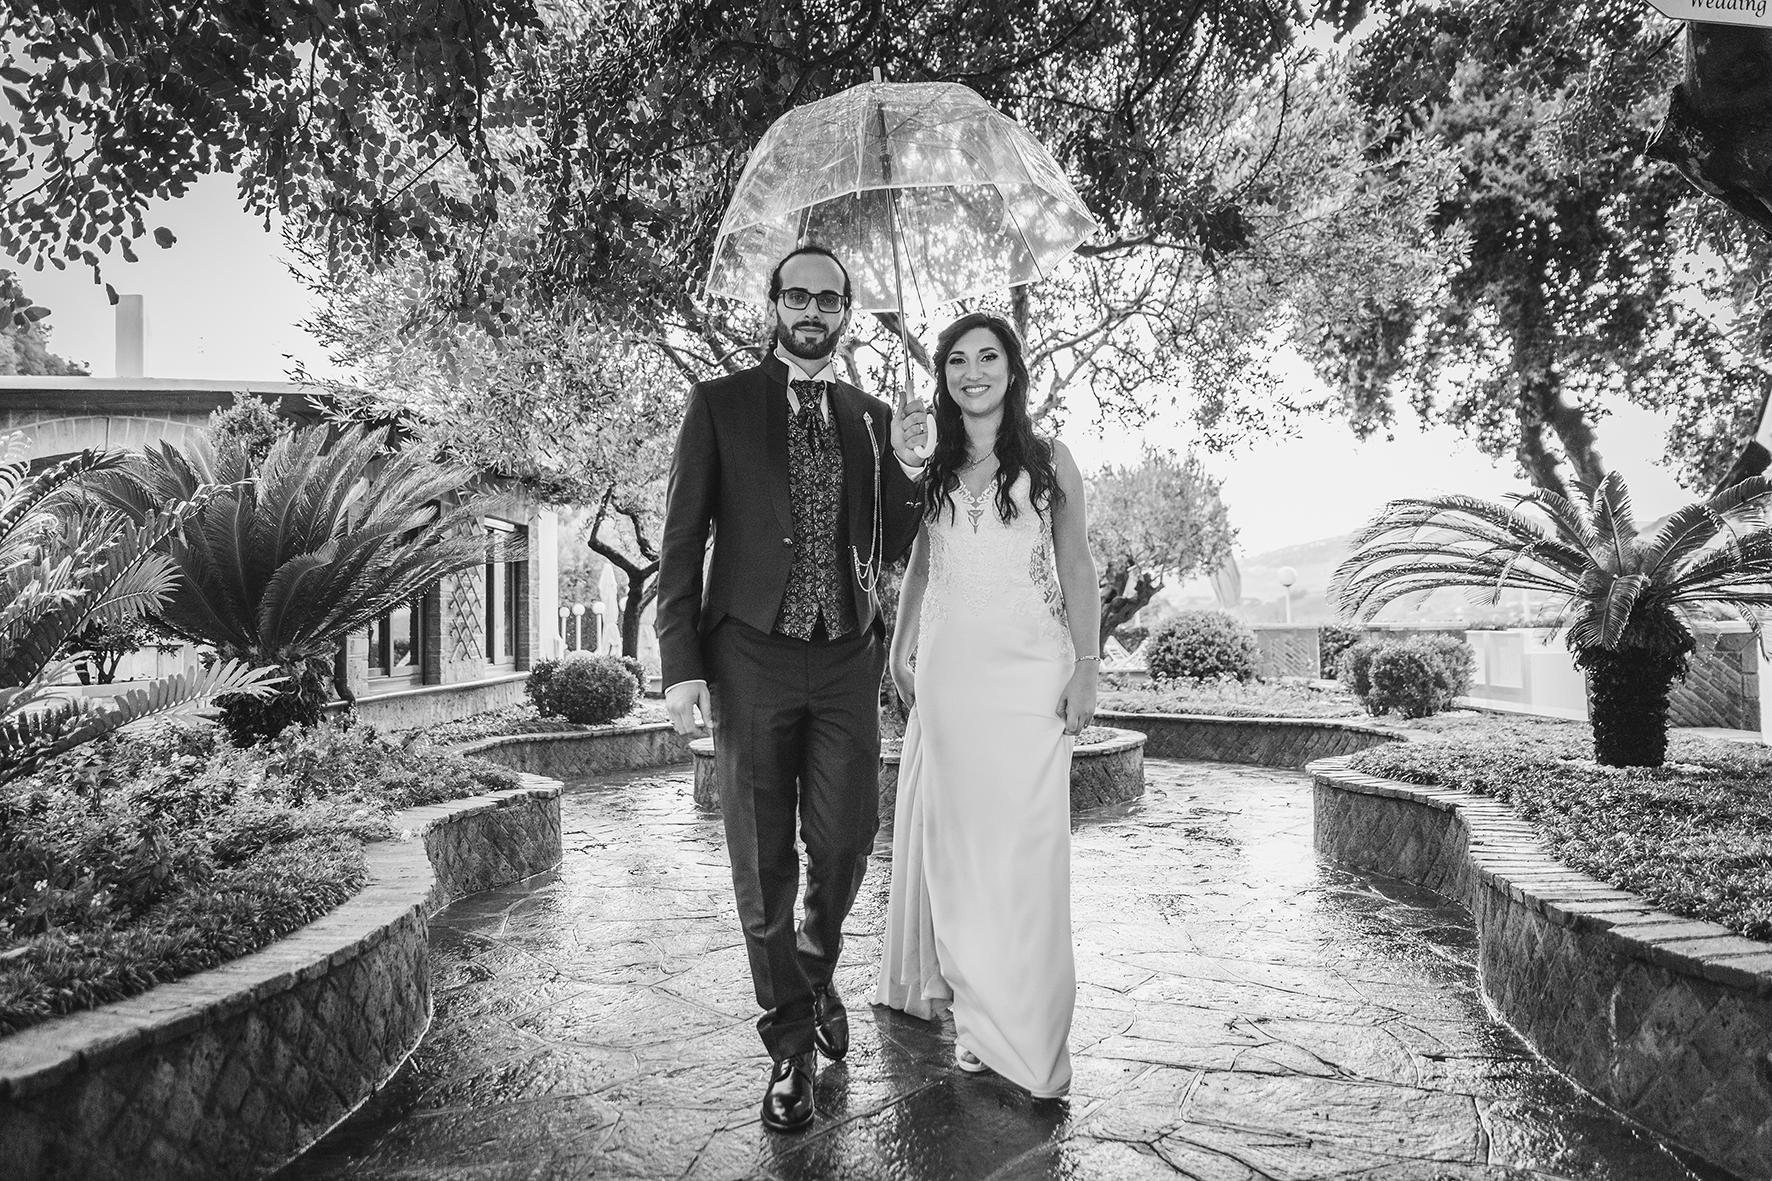 Matrimonio sotto la pioggia, come non farsi rovinare la giornata